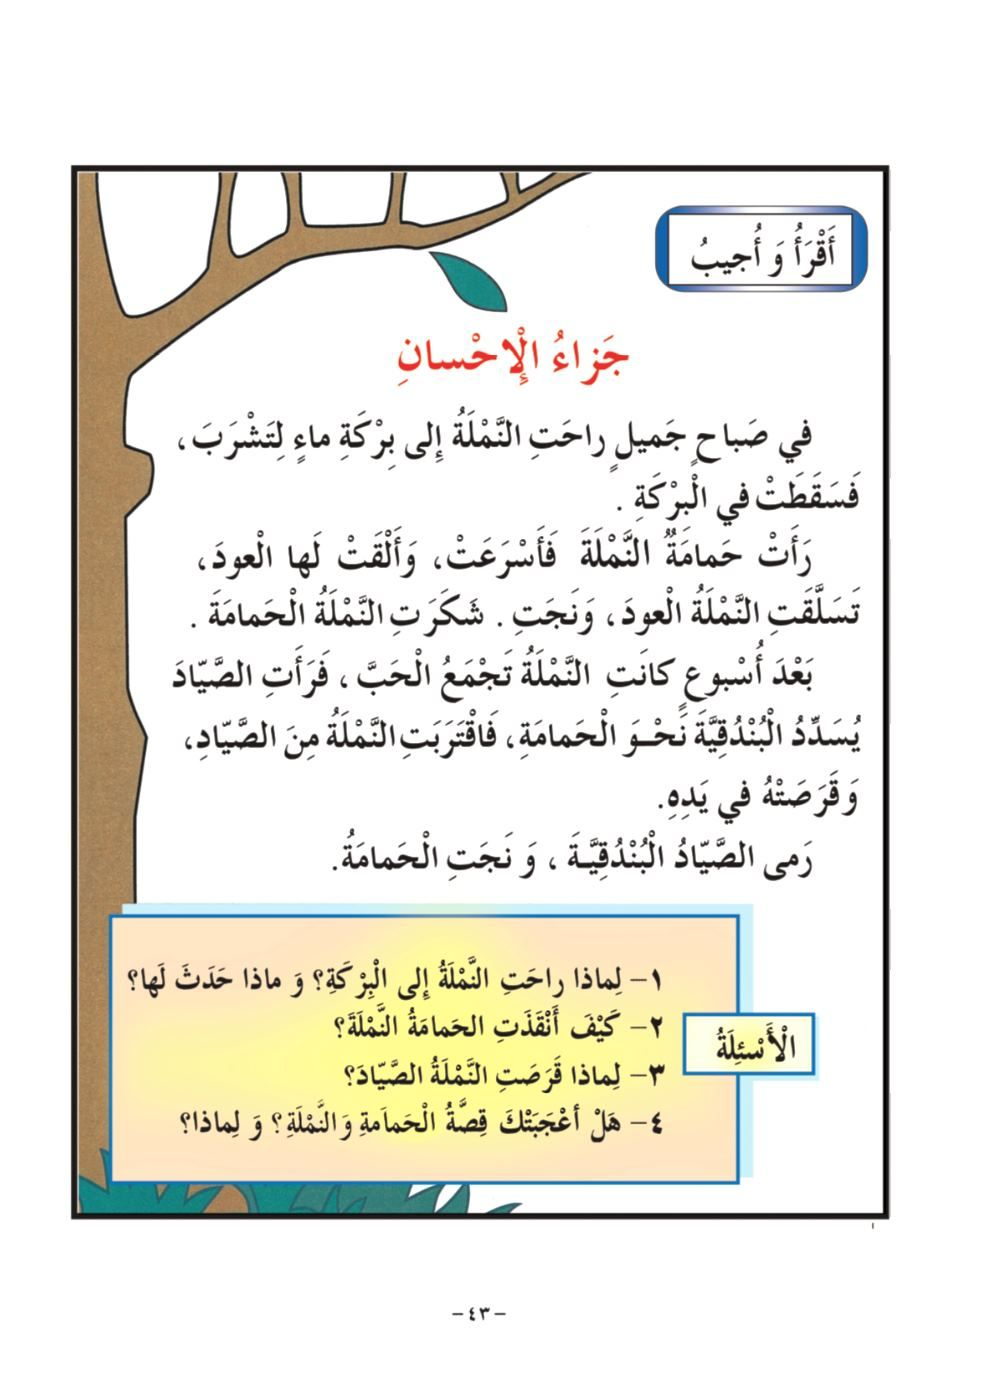 اللغة العربية للصف الأول الابتدائي الجزء الثاني Arabic Alphabet For Kids Learn Arabic Language Learn Arabic Alphabet